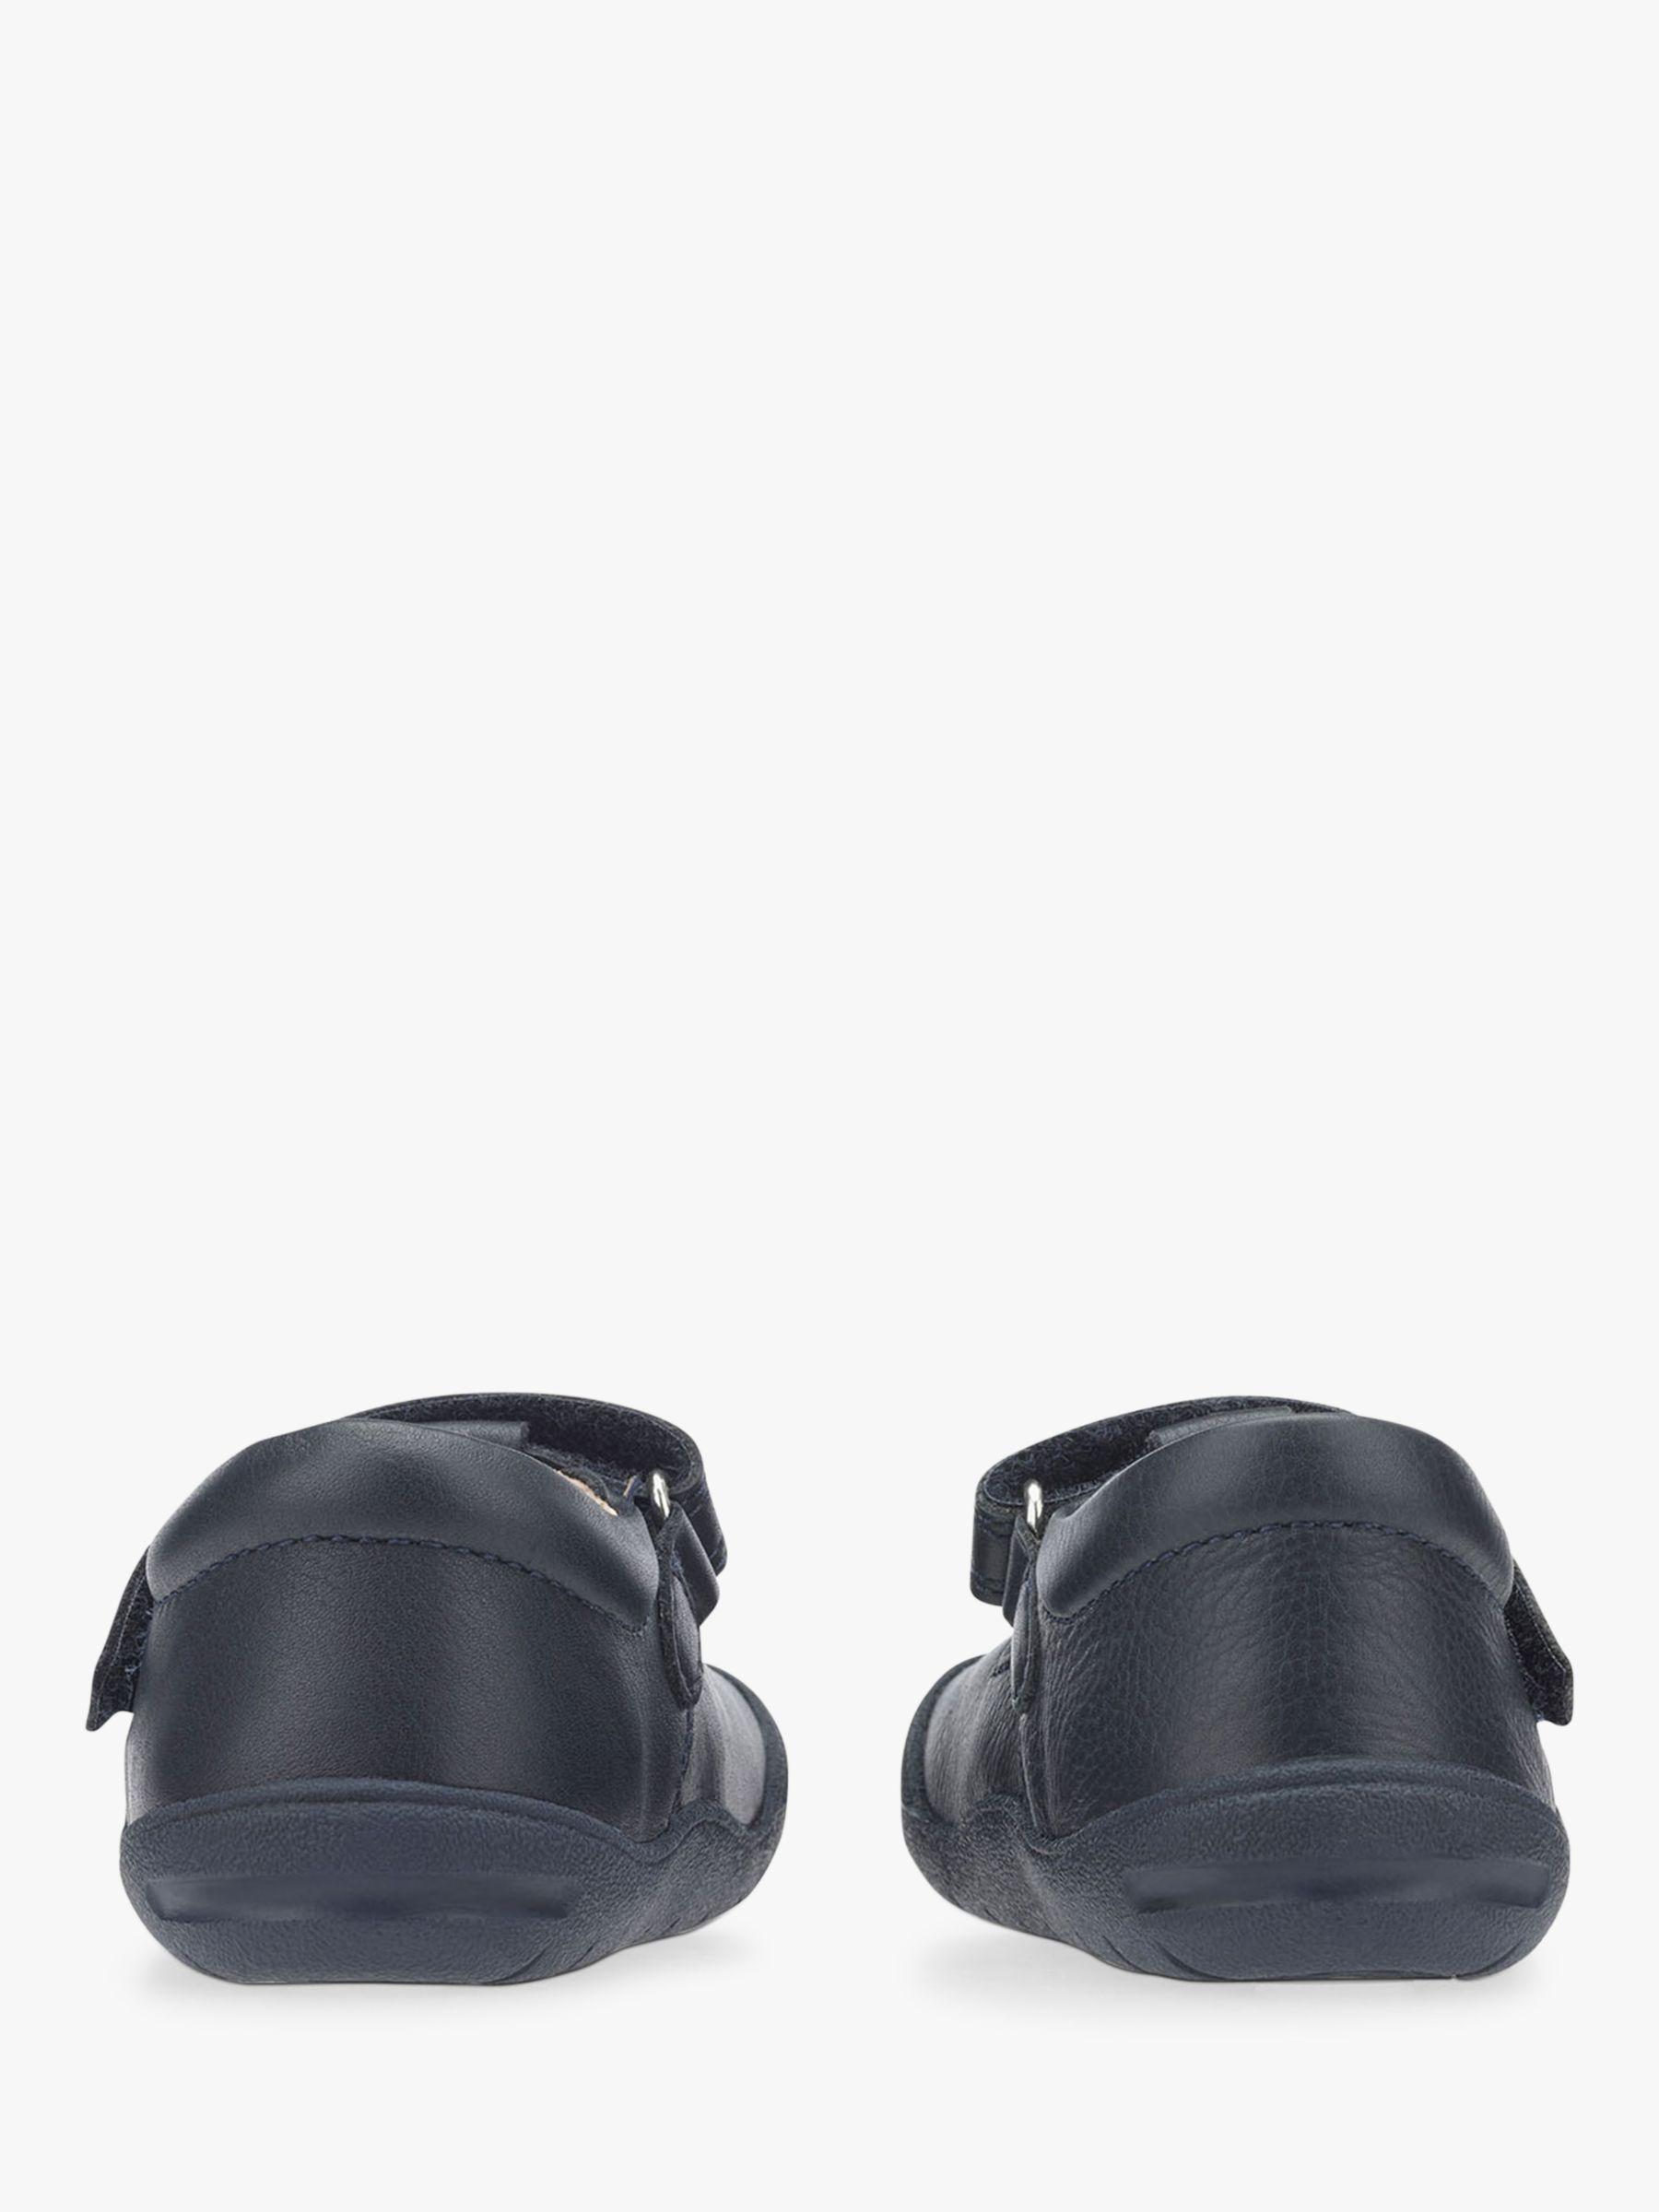 Start-Rite Start-rite Children's Alex First Shoes, Navy